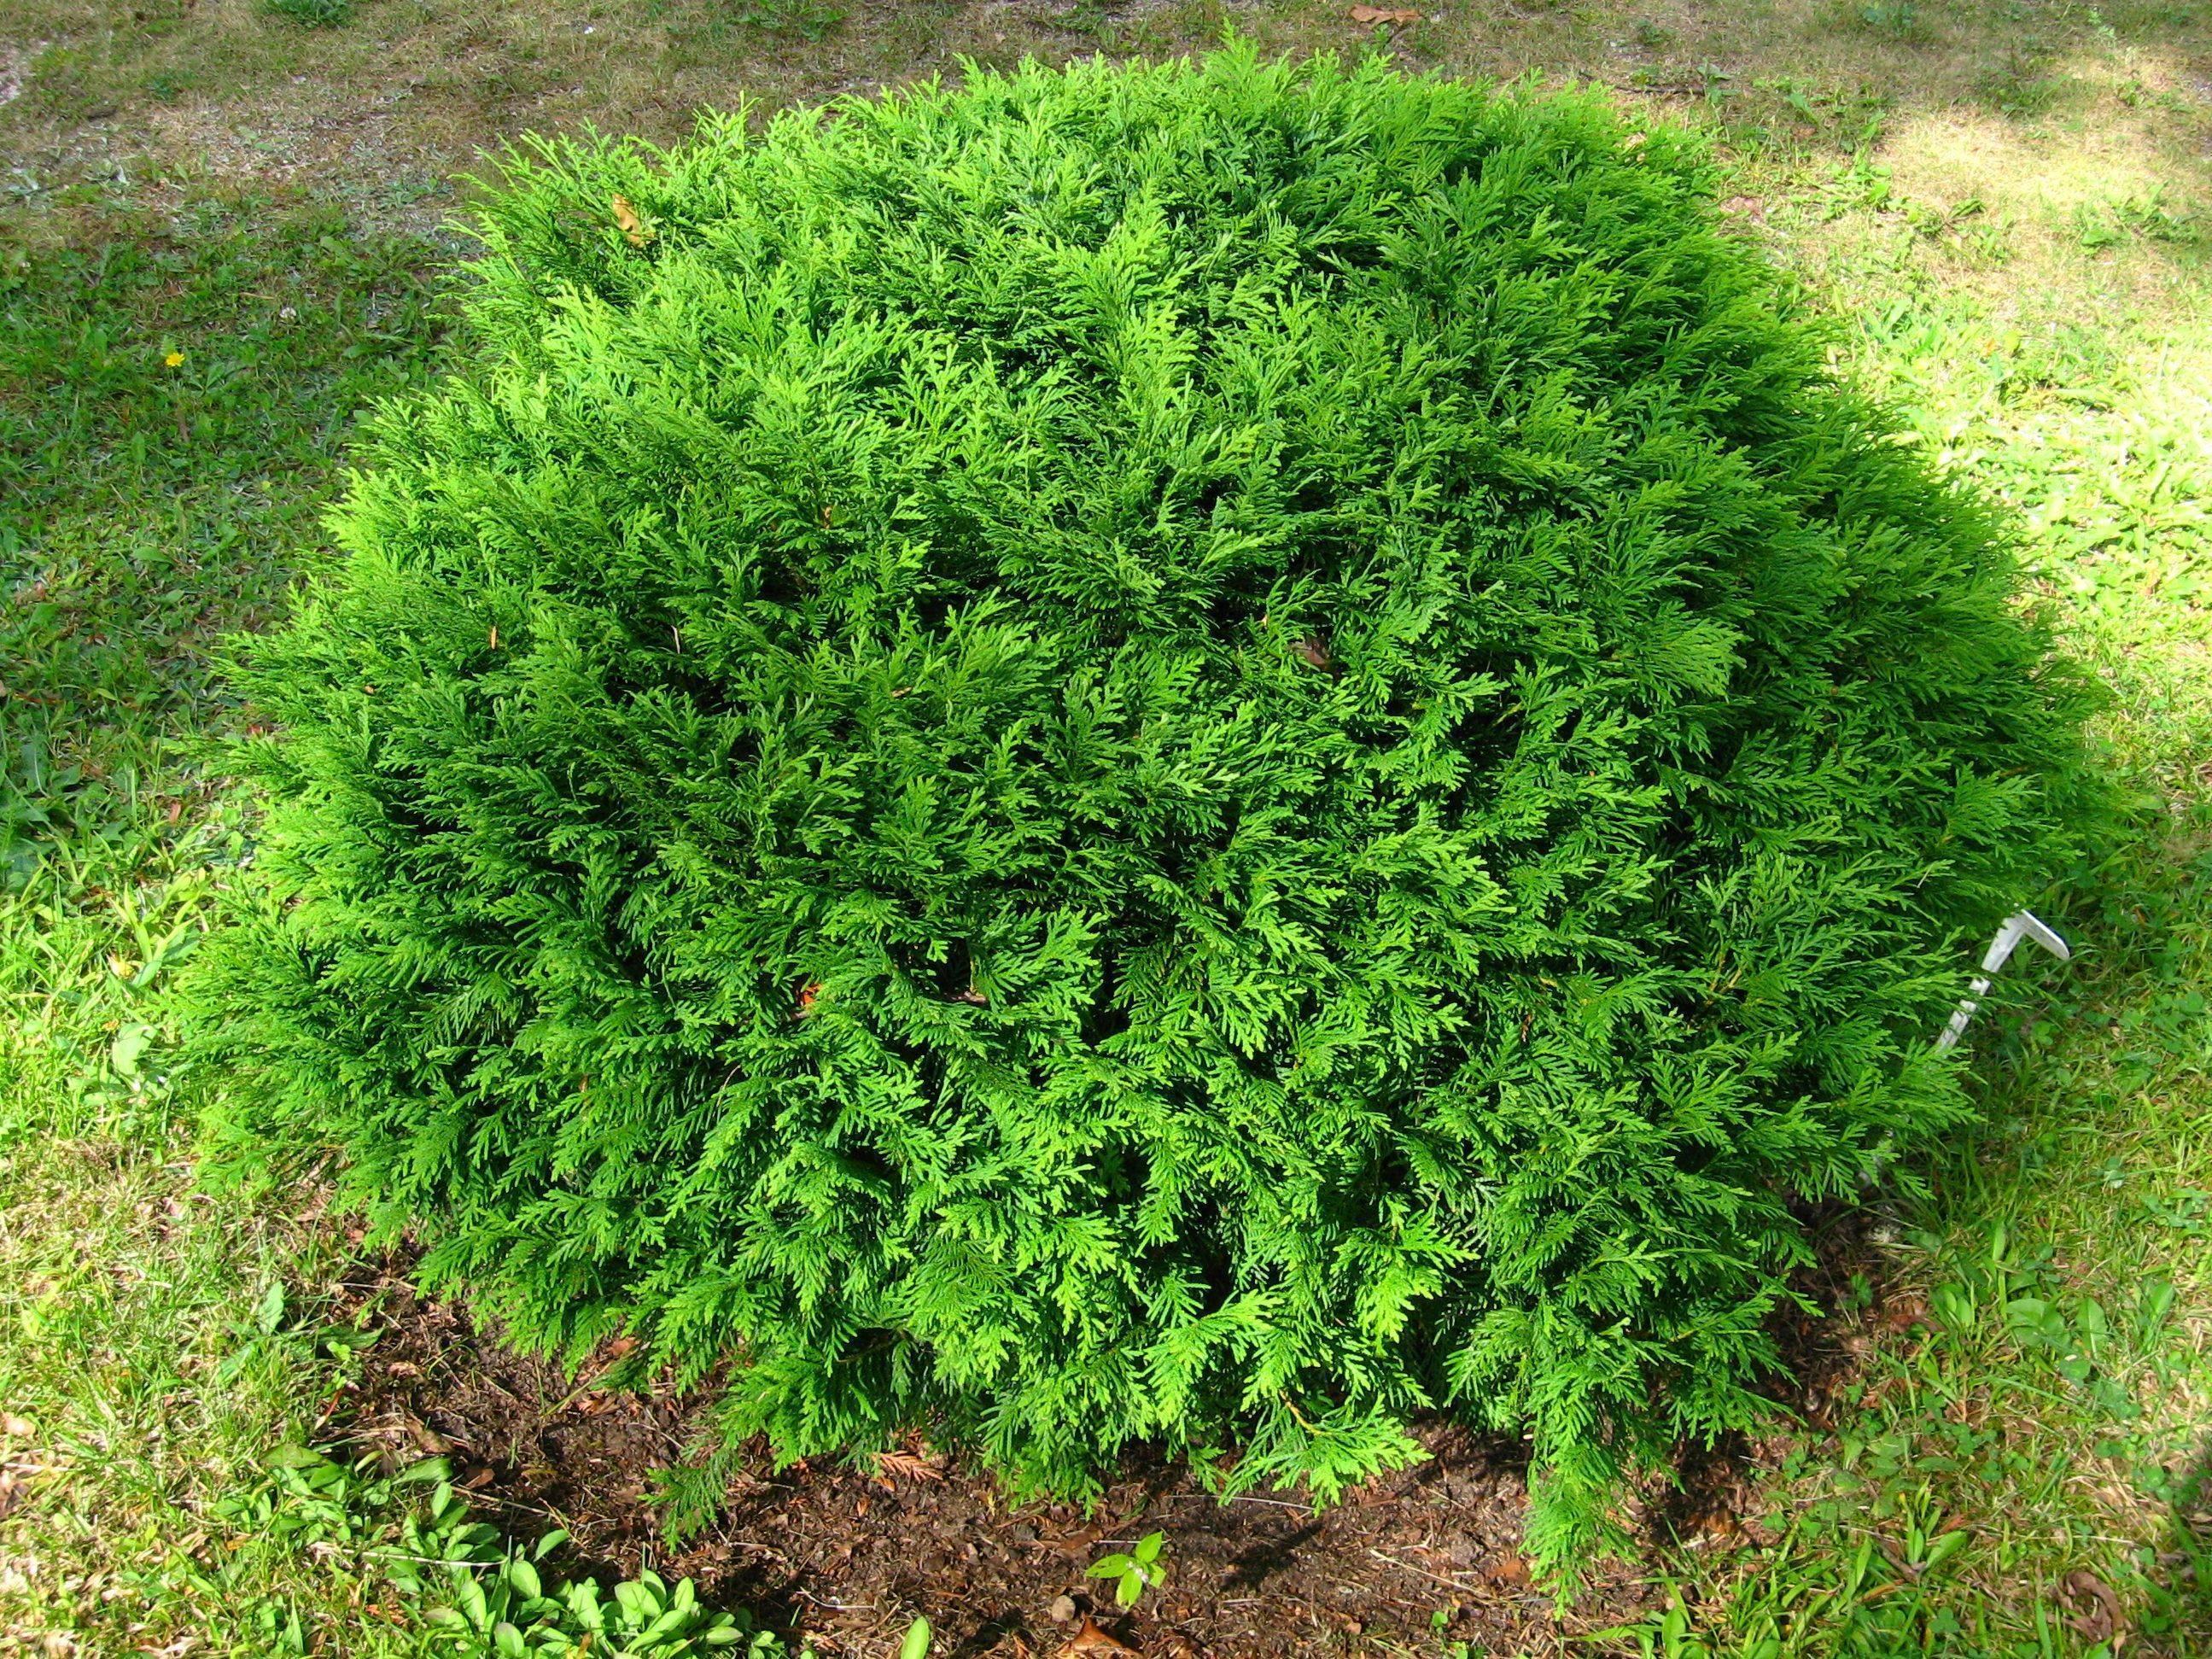 ✅ туя западная тедди: фото и описание, посадка и уход в открытом грунте, в ландшафтном дизайне, размножение - tehnoyug.com